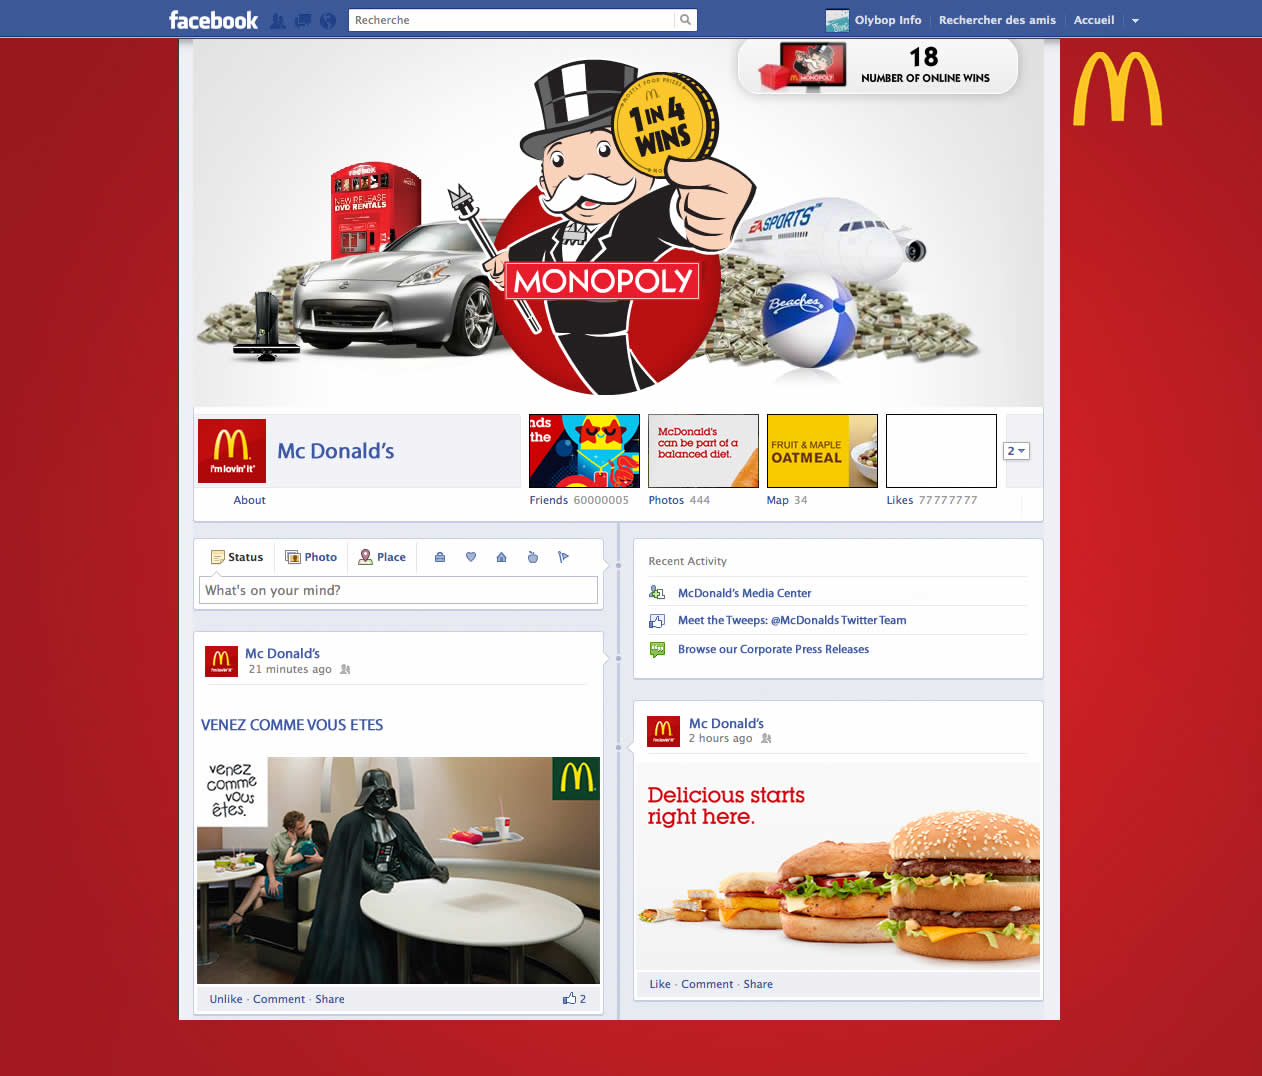 Les nouveaux profils des plus grandes marques présentes sur Facebook 8